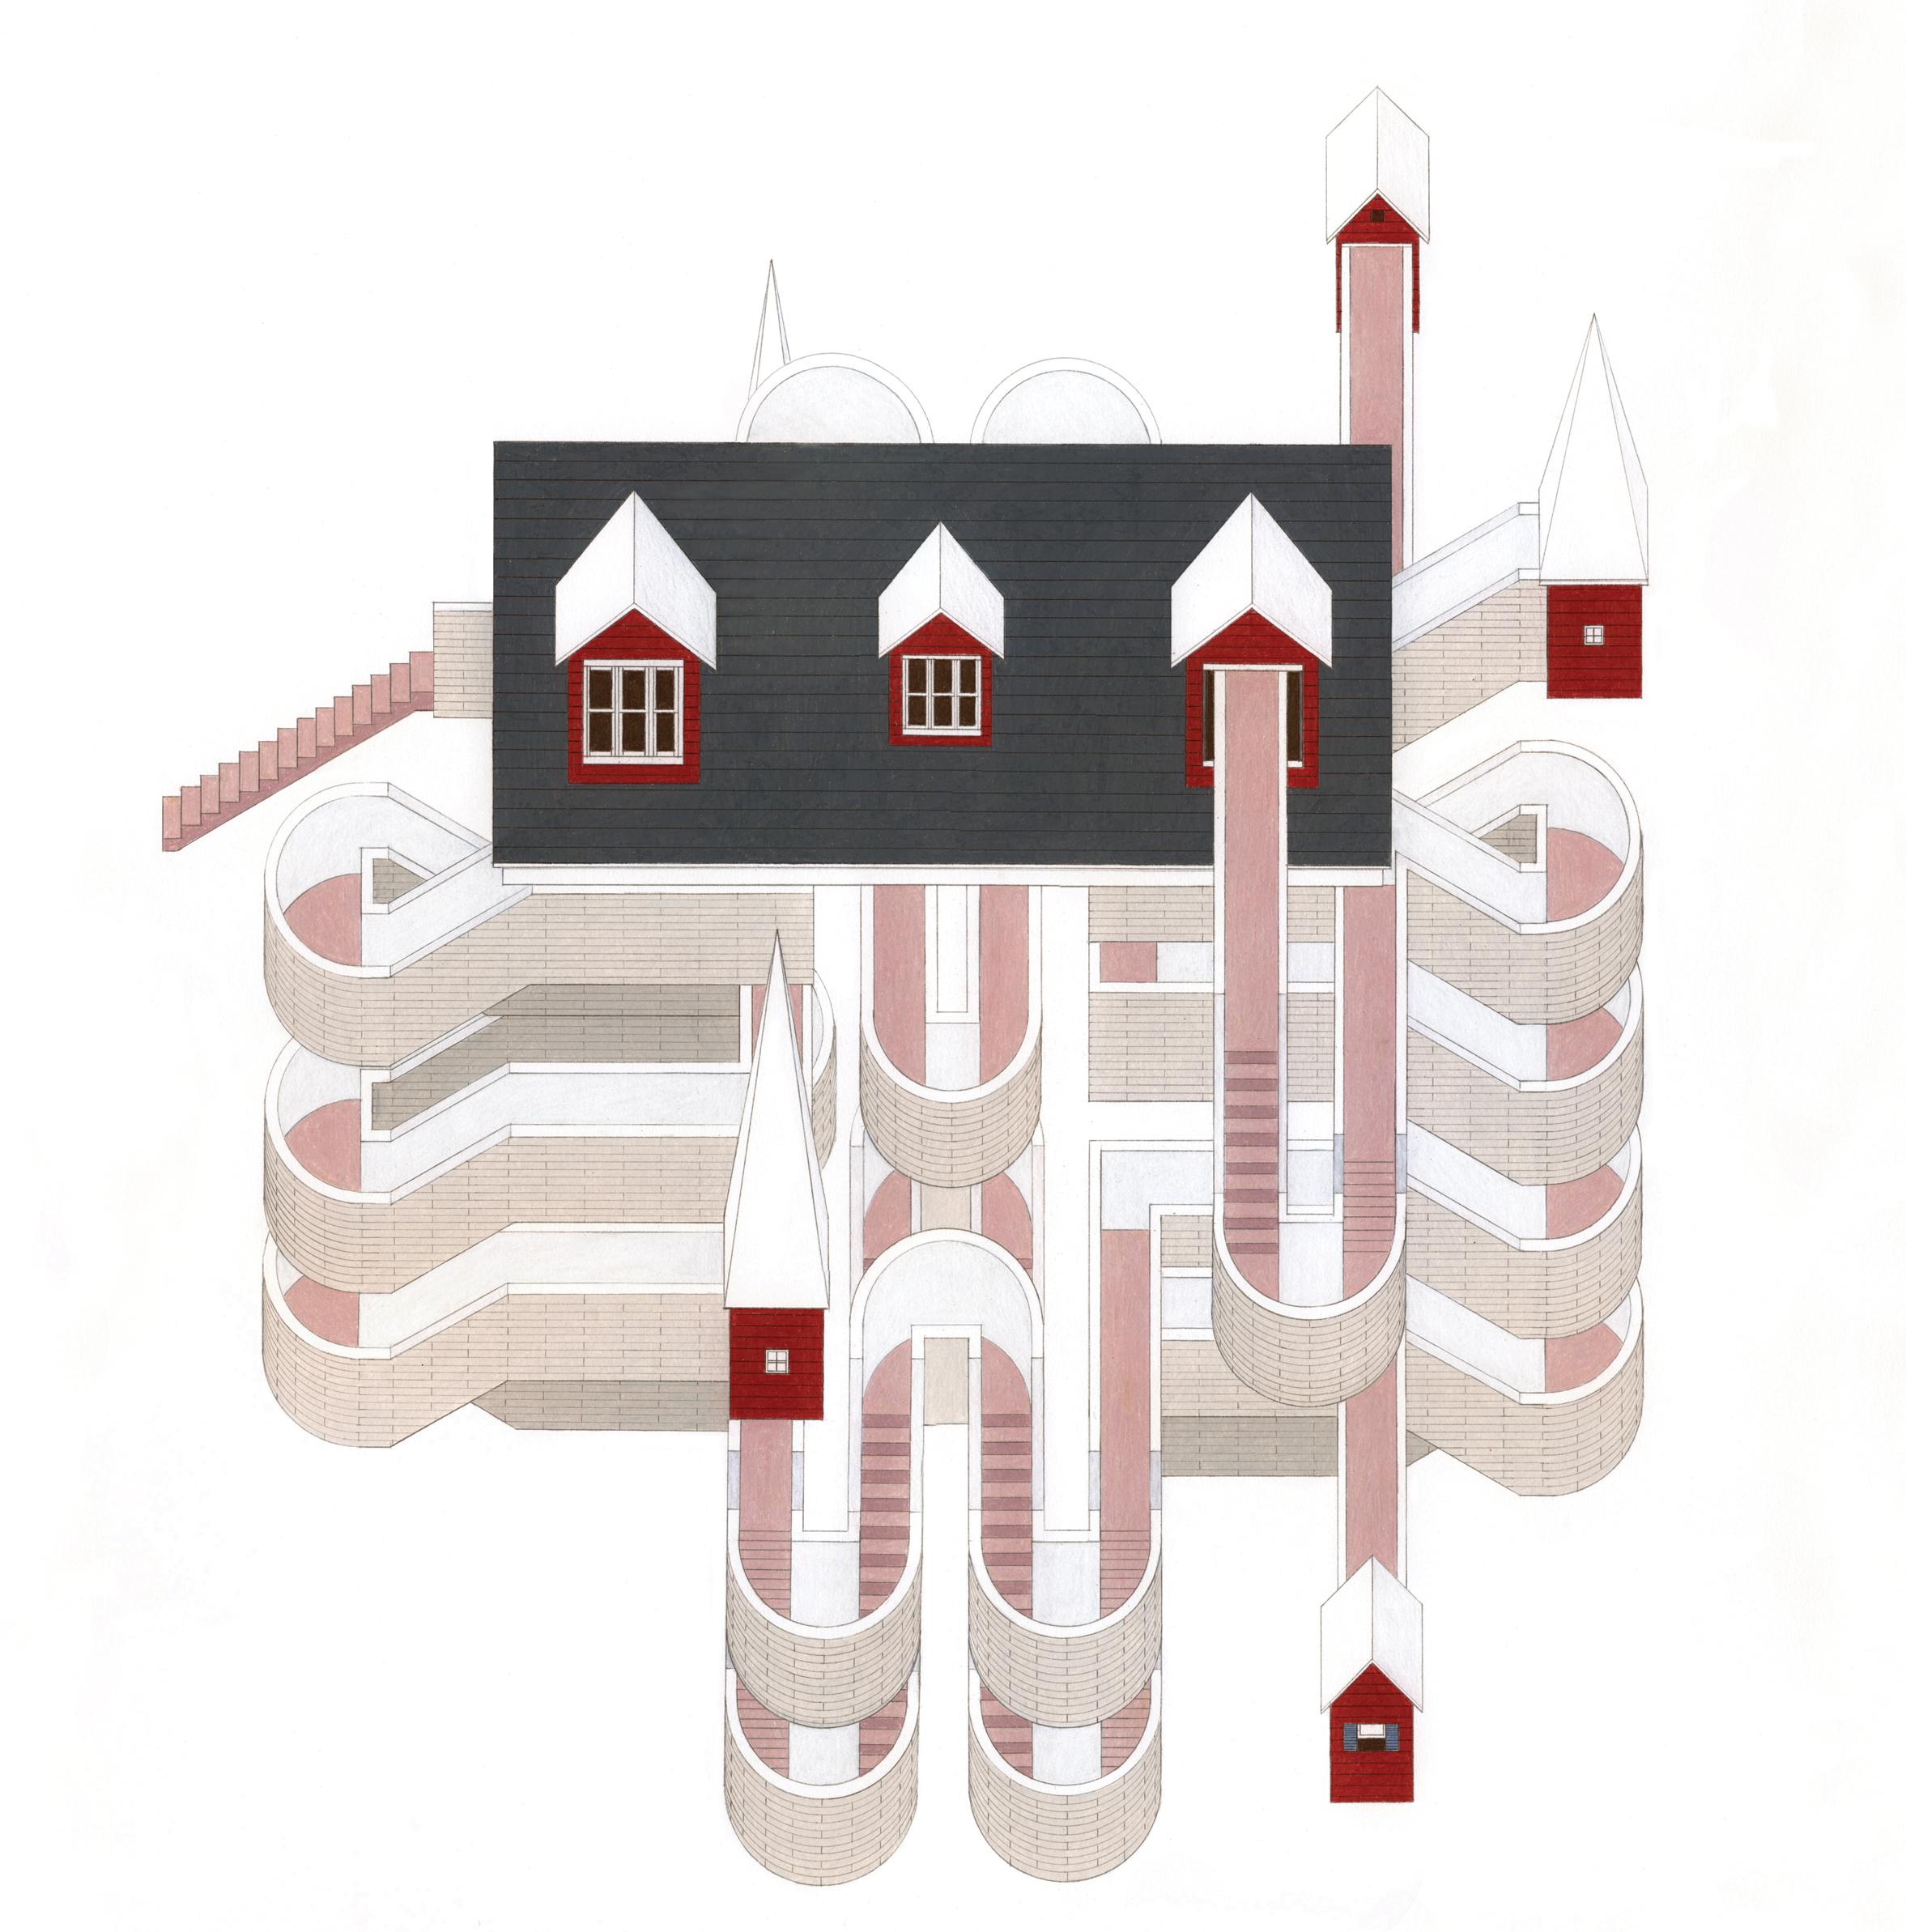 Illustration by Tom Ngo.